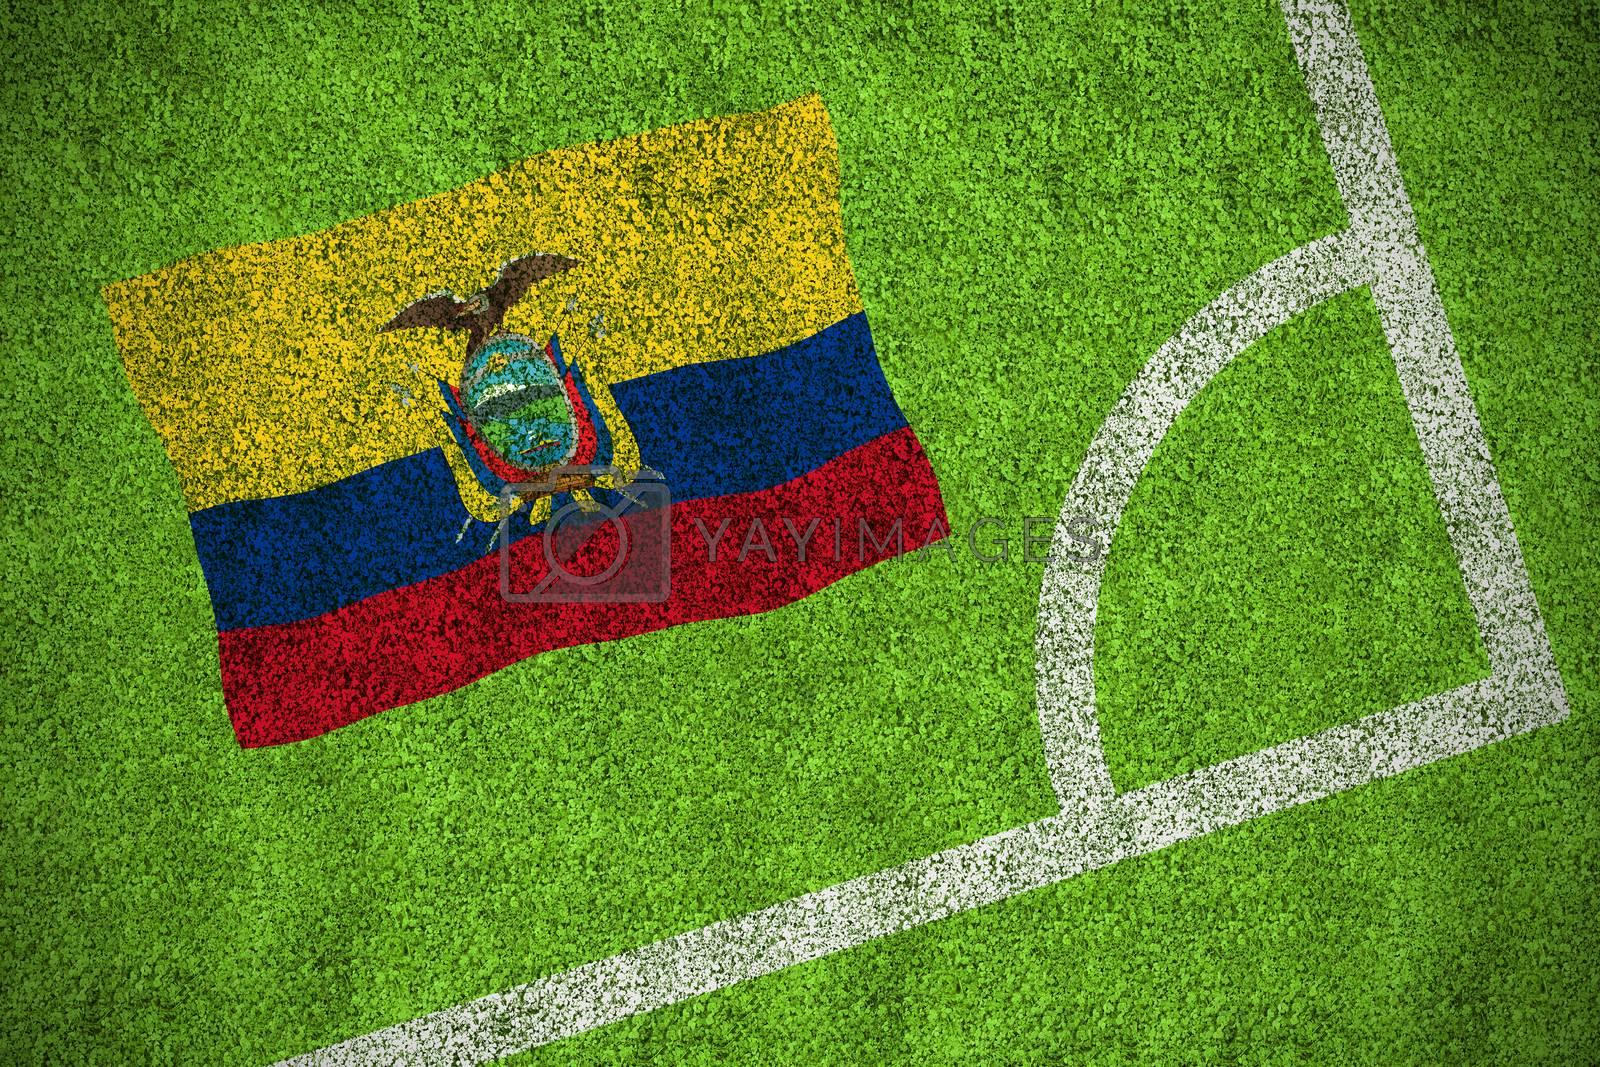 Ecuador national flag by Wavebreakmedia